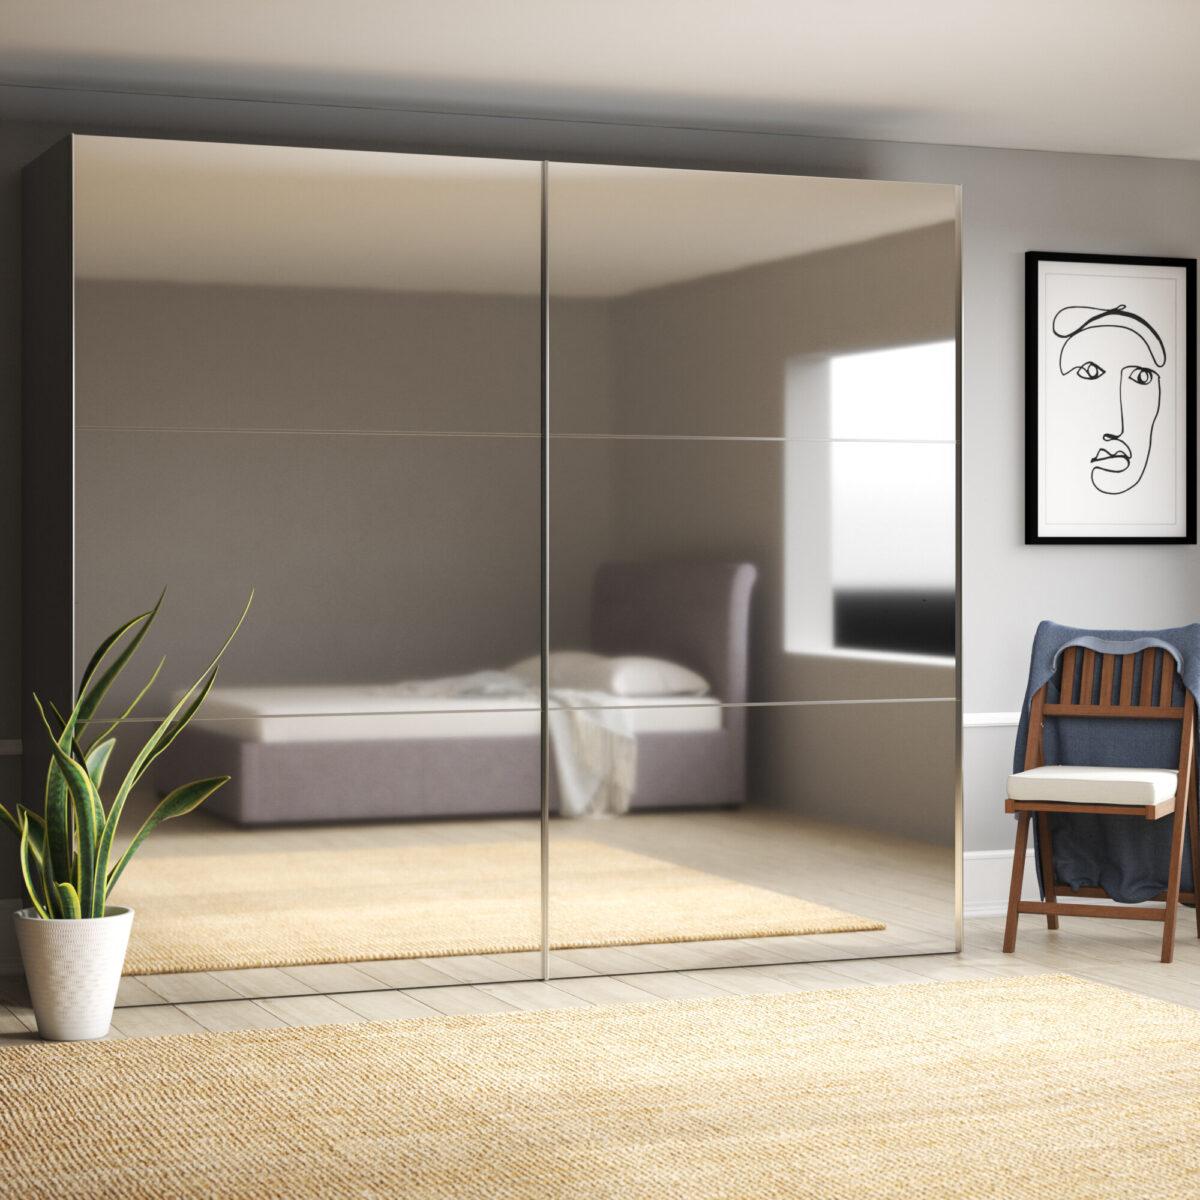 7-esempi-di-arredo-per-camere-da-letto-piccole-14